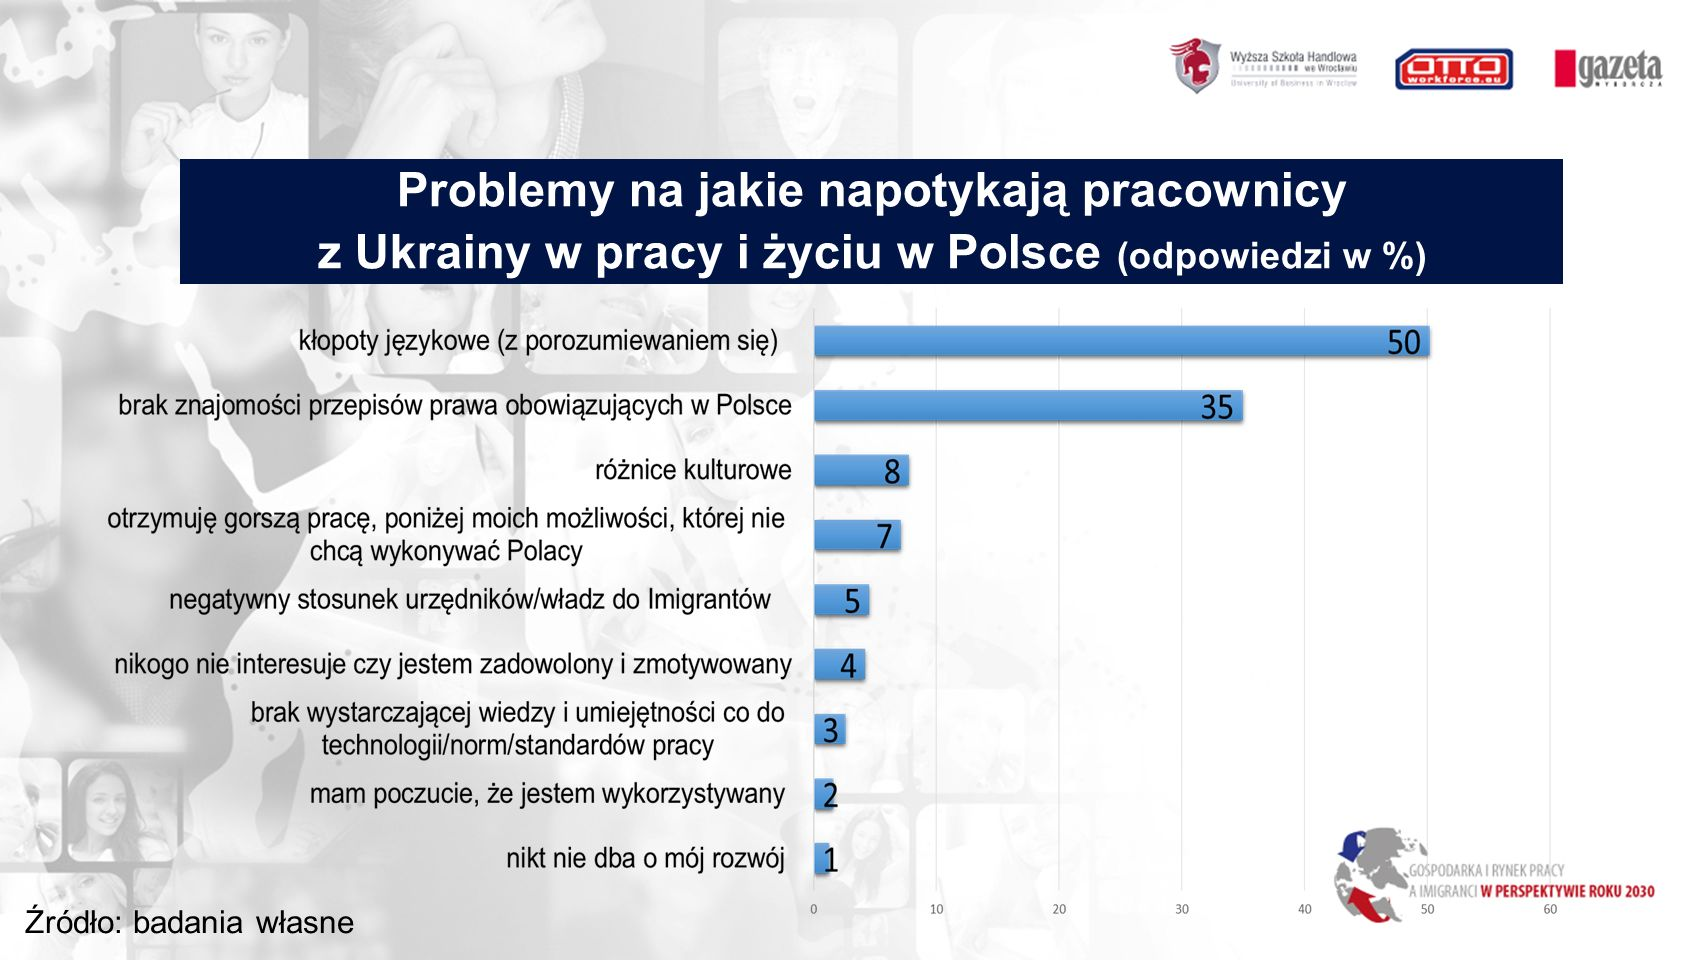 Problemy na jakie napotykają pracownicy z Ukrainy w pracy i życiu w Polsce (odpowiedzi w %) Źródło: badania własne